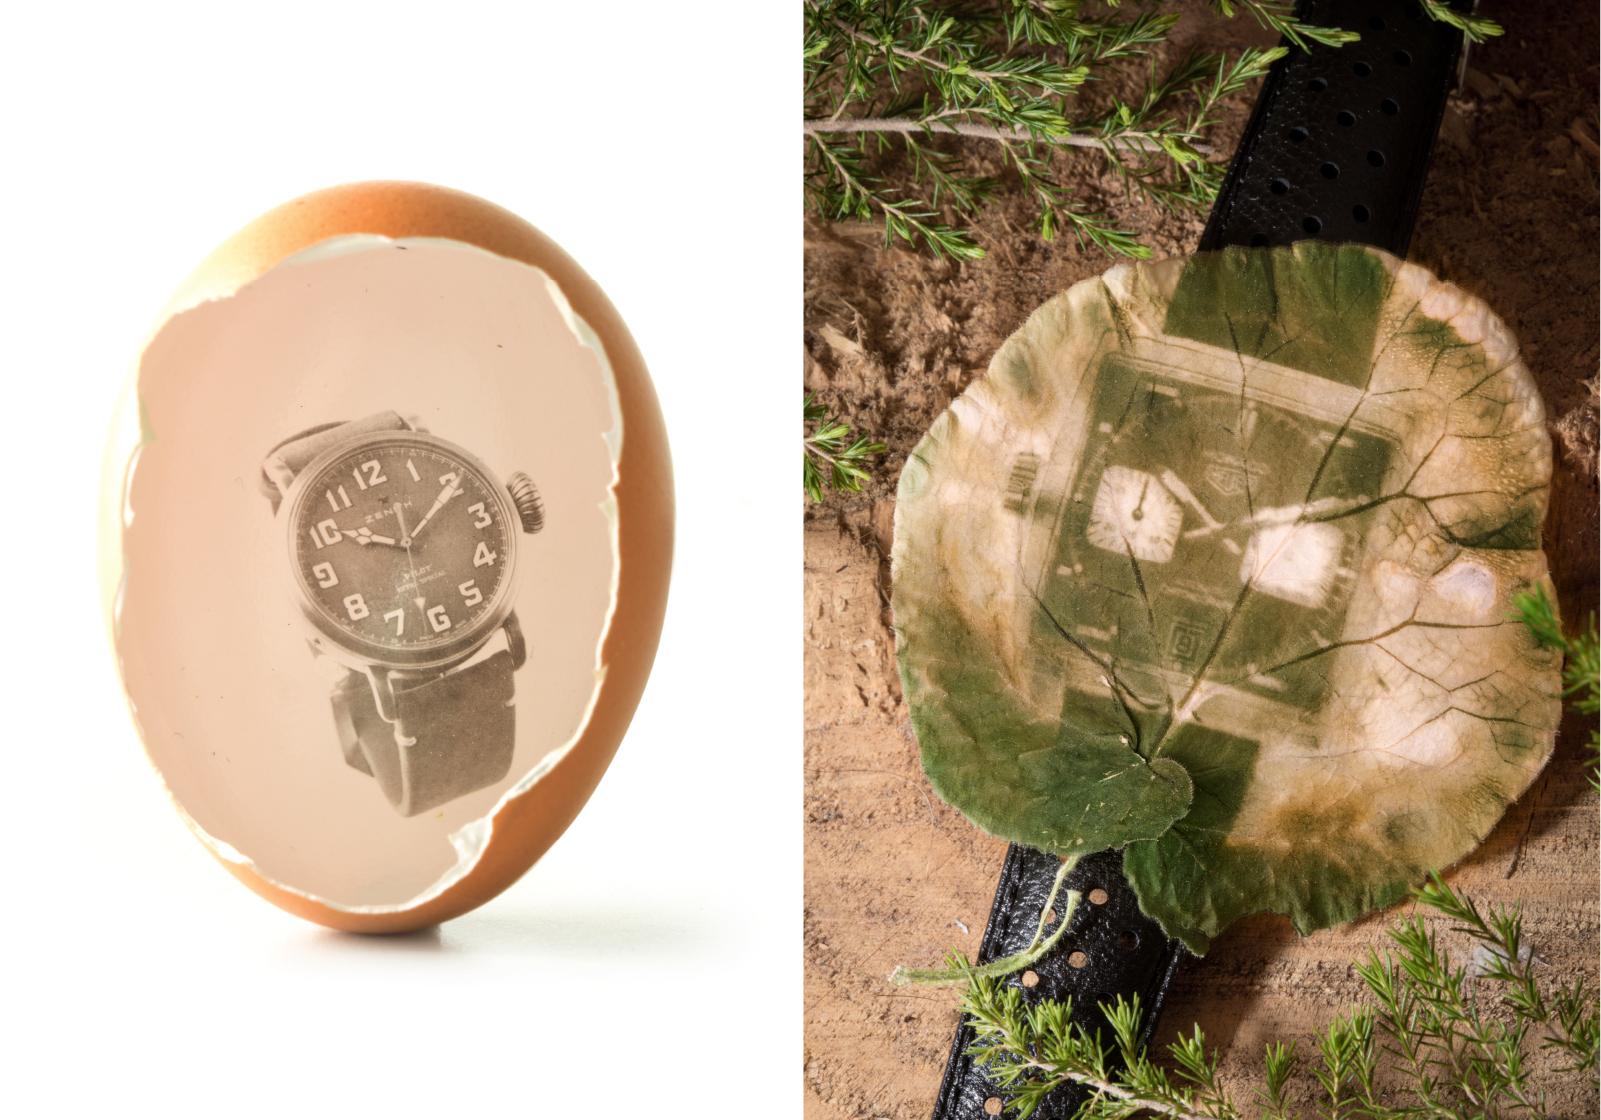 Impressão em gelatina de brometo de prata no interior de um ovo e clorofilotipia do TAG Heuer Monaco em tamanho real   © Paulo Pires / Espiral do Tempo